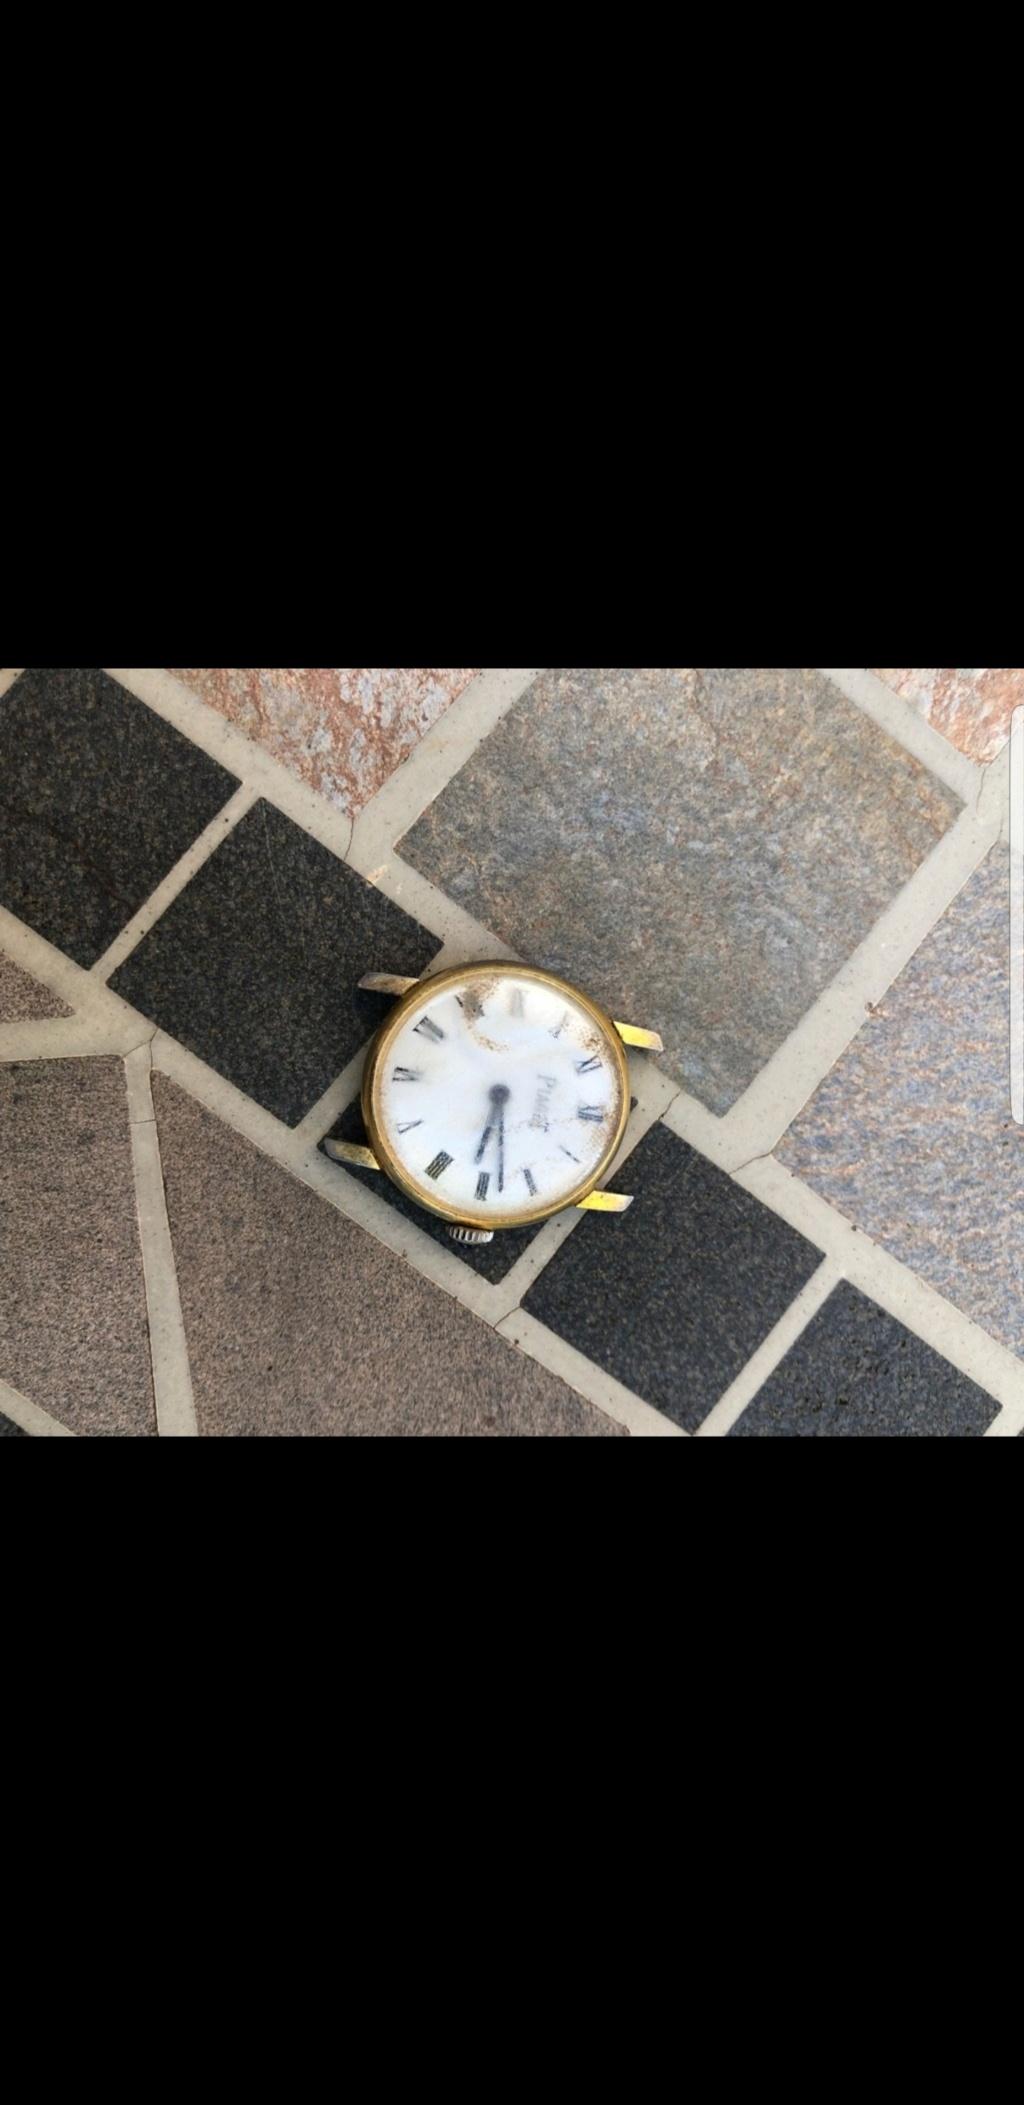 ZENITH -  [Postez ICI les demandes d'IDENTIFICATION et RENSEIGNEMENTS de vos montres] - Page 20 Screen14